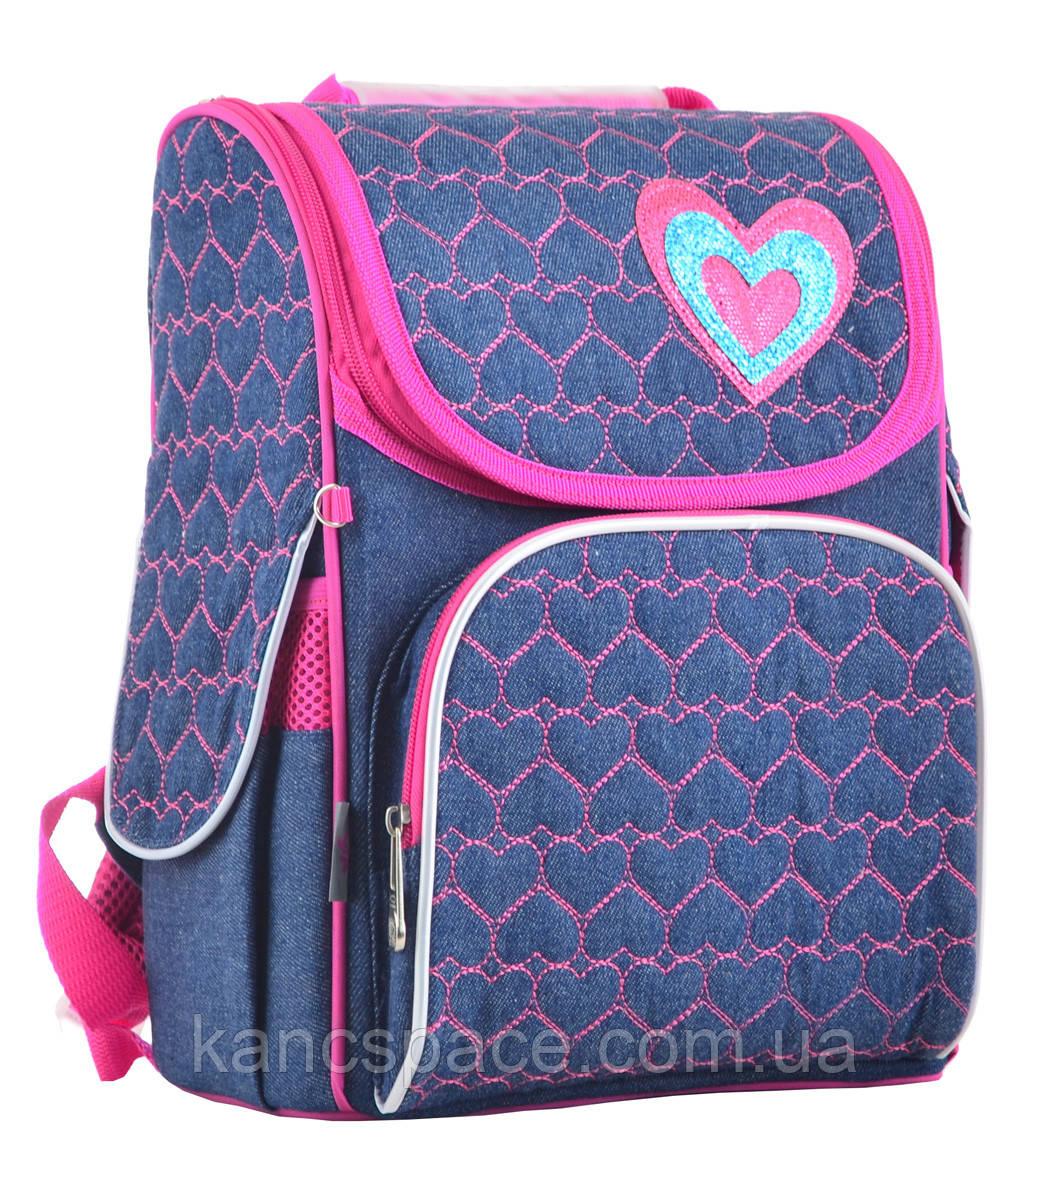 Рюкзак каркасний H-11 Hearts blue, 33.5*26*13.5